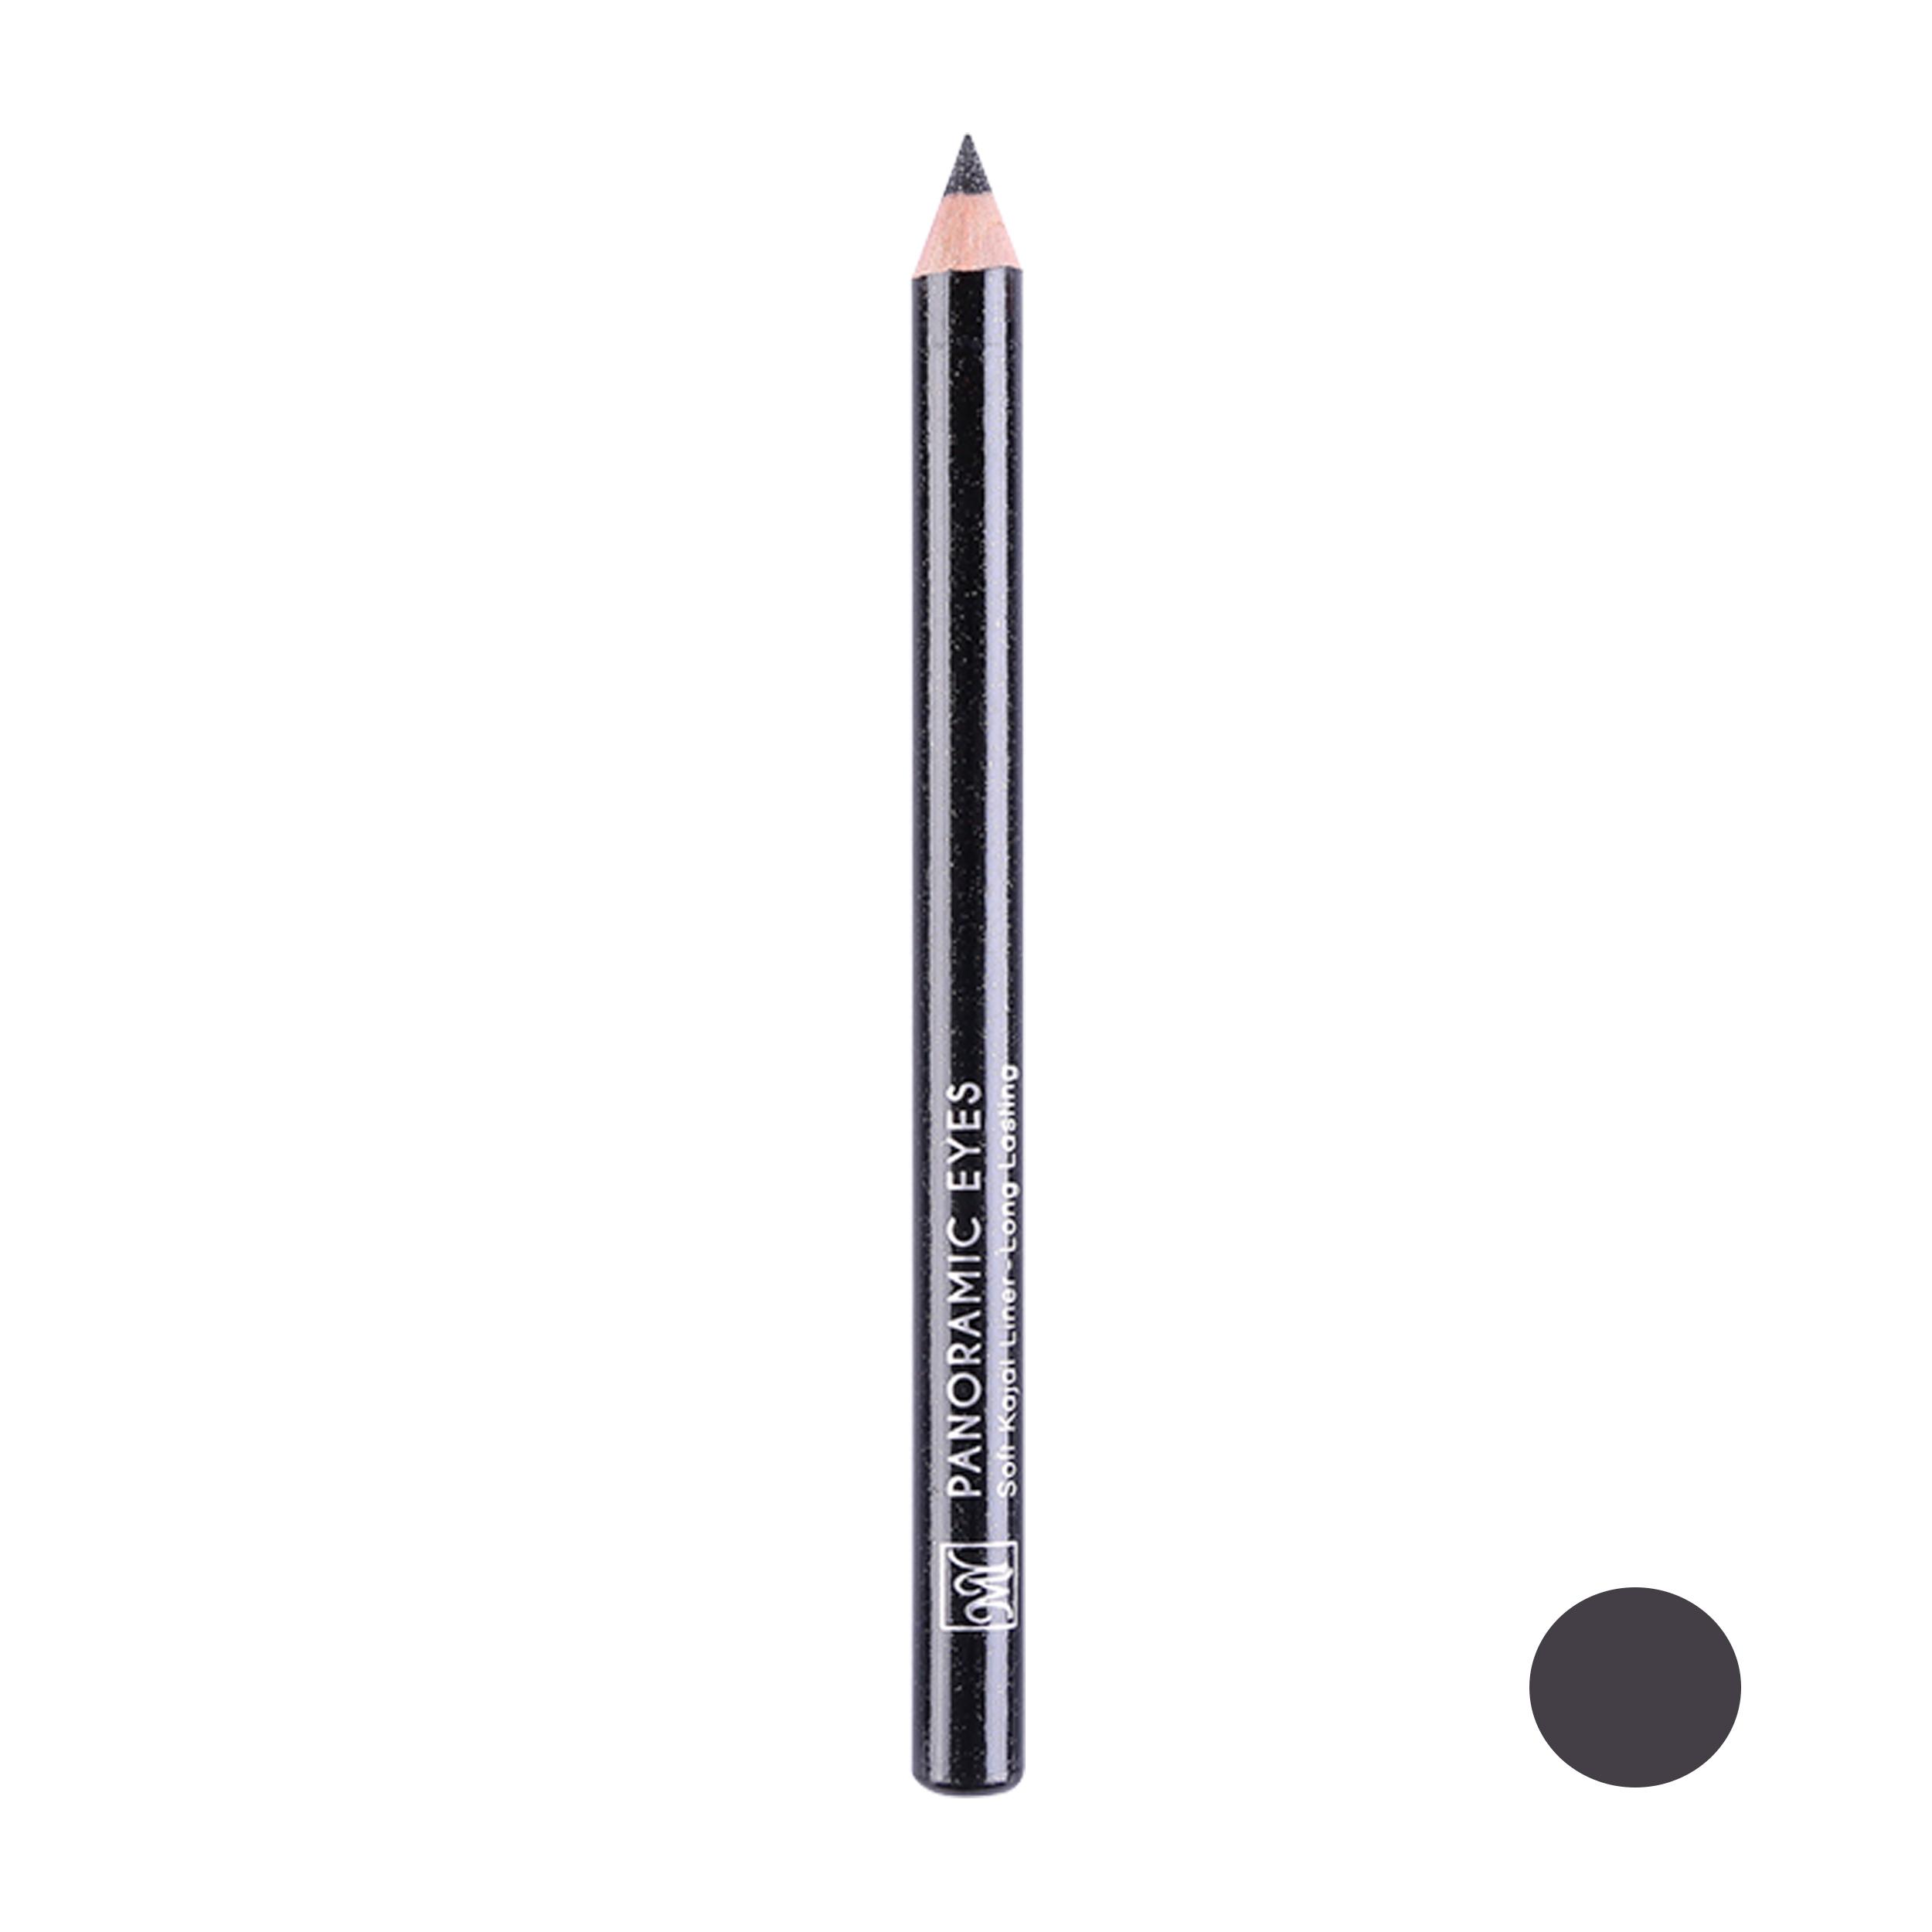 مداد چشم مای سری Panoramic شماره 02